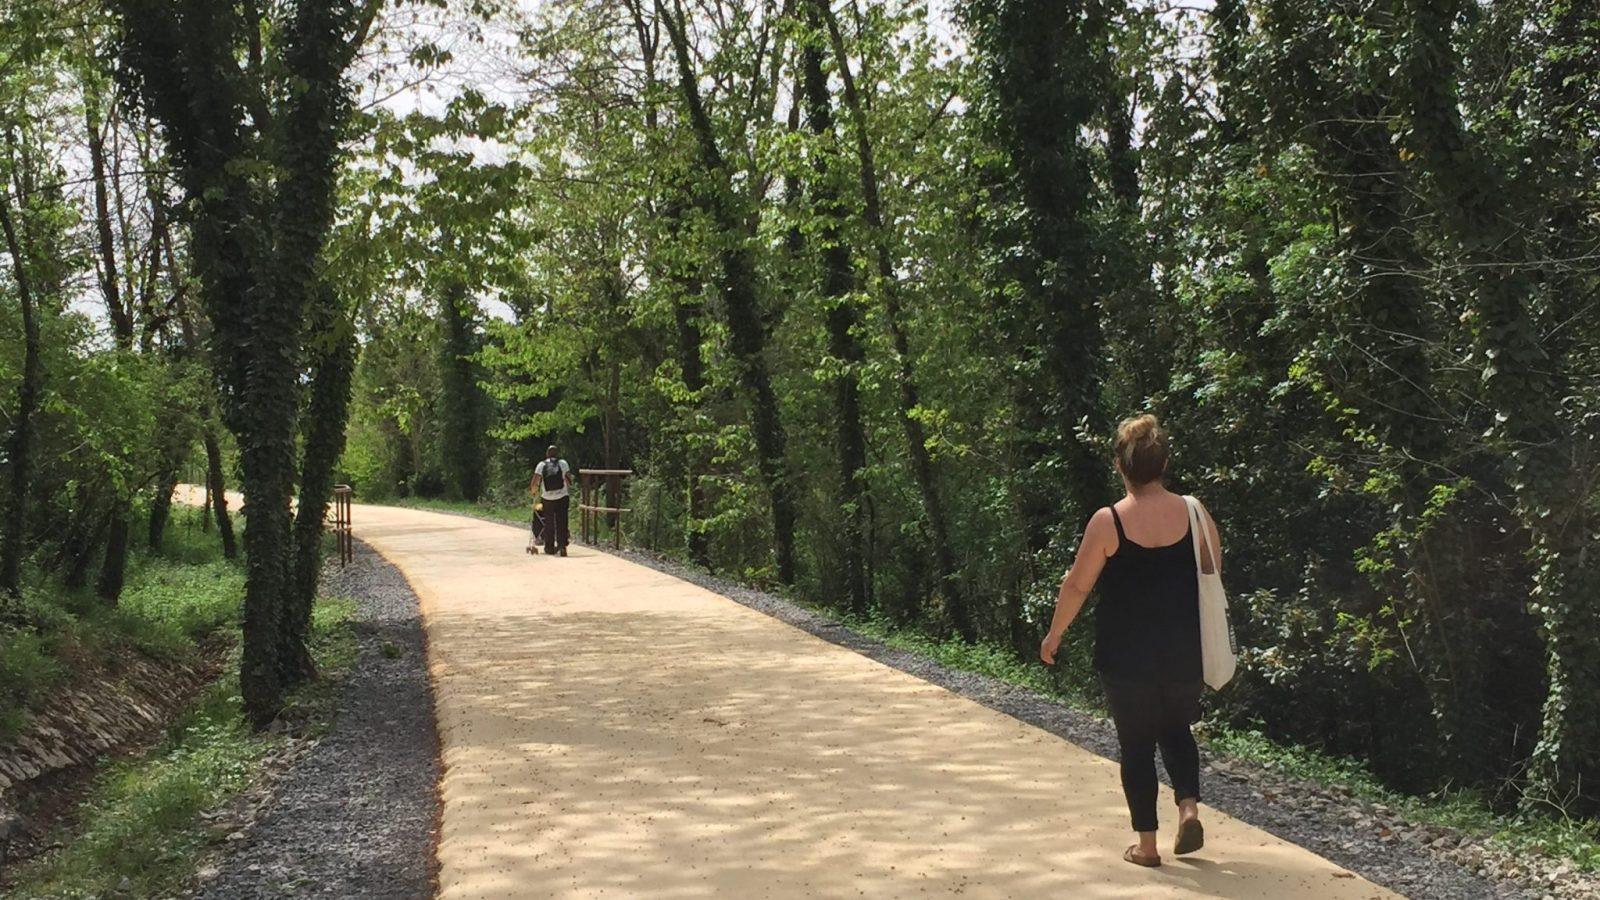 Pédaler sur la voie verte